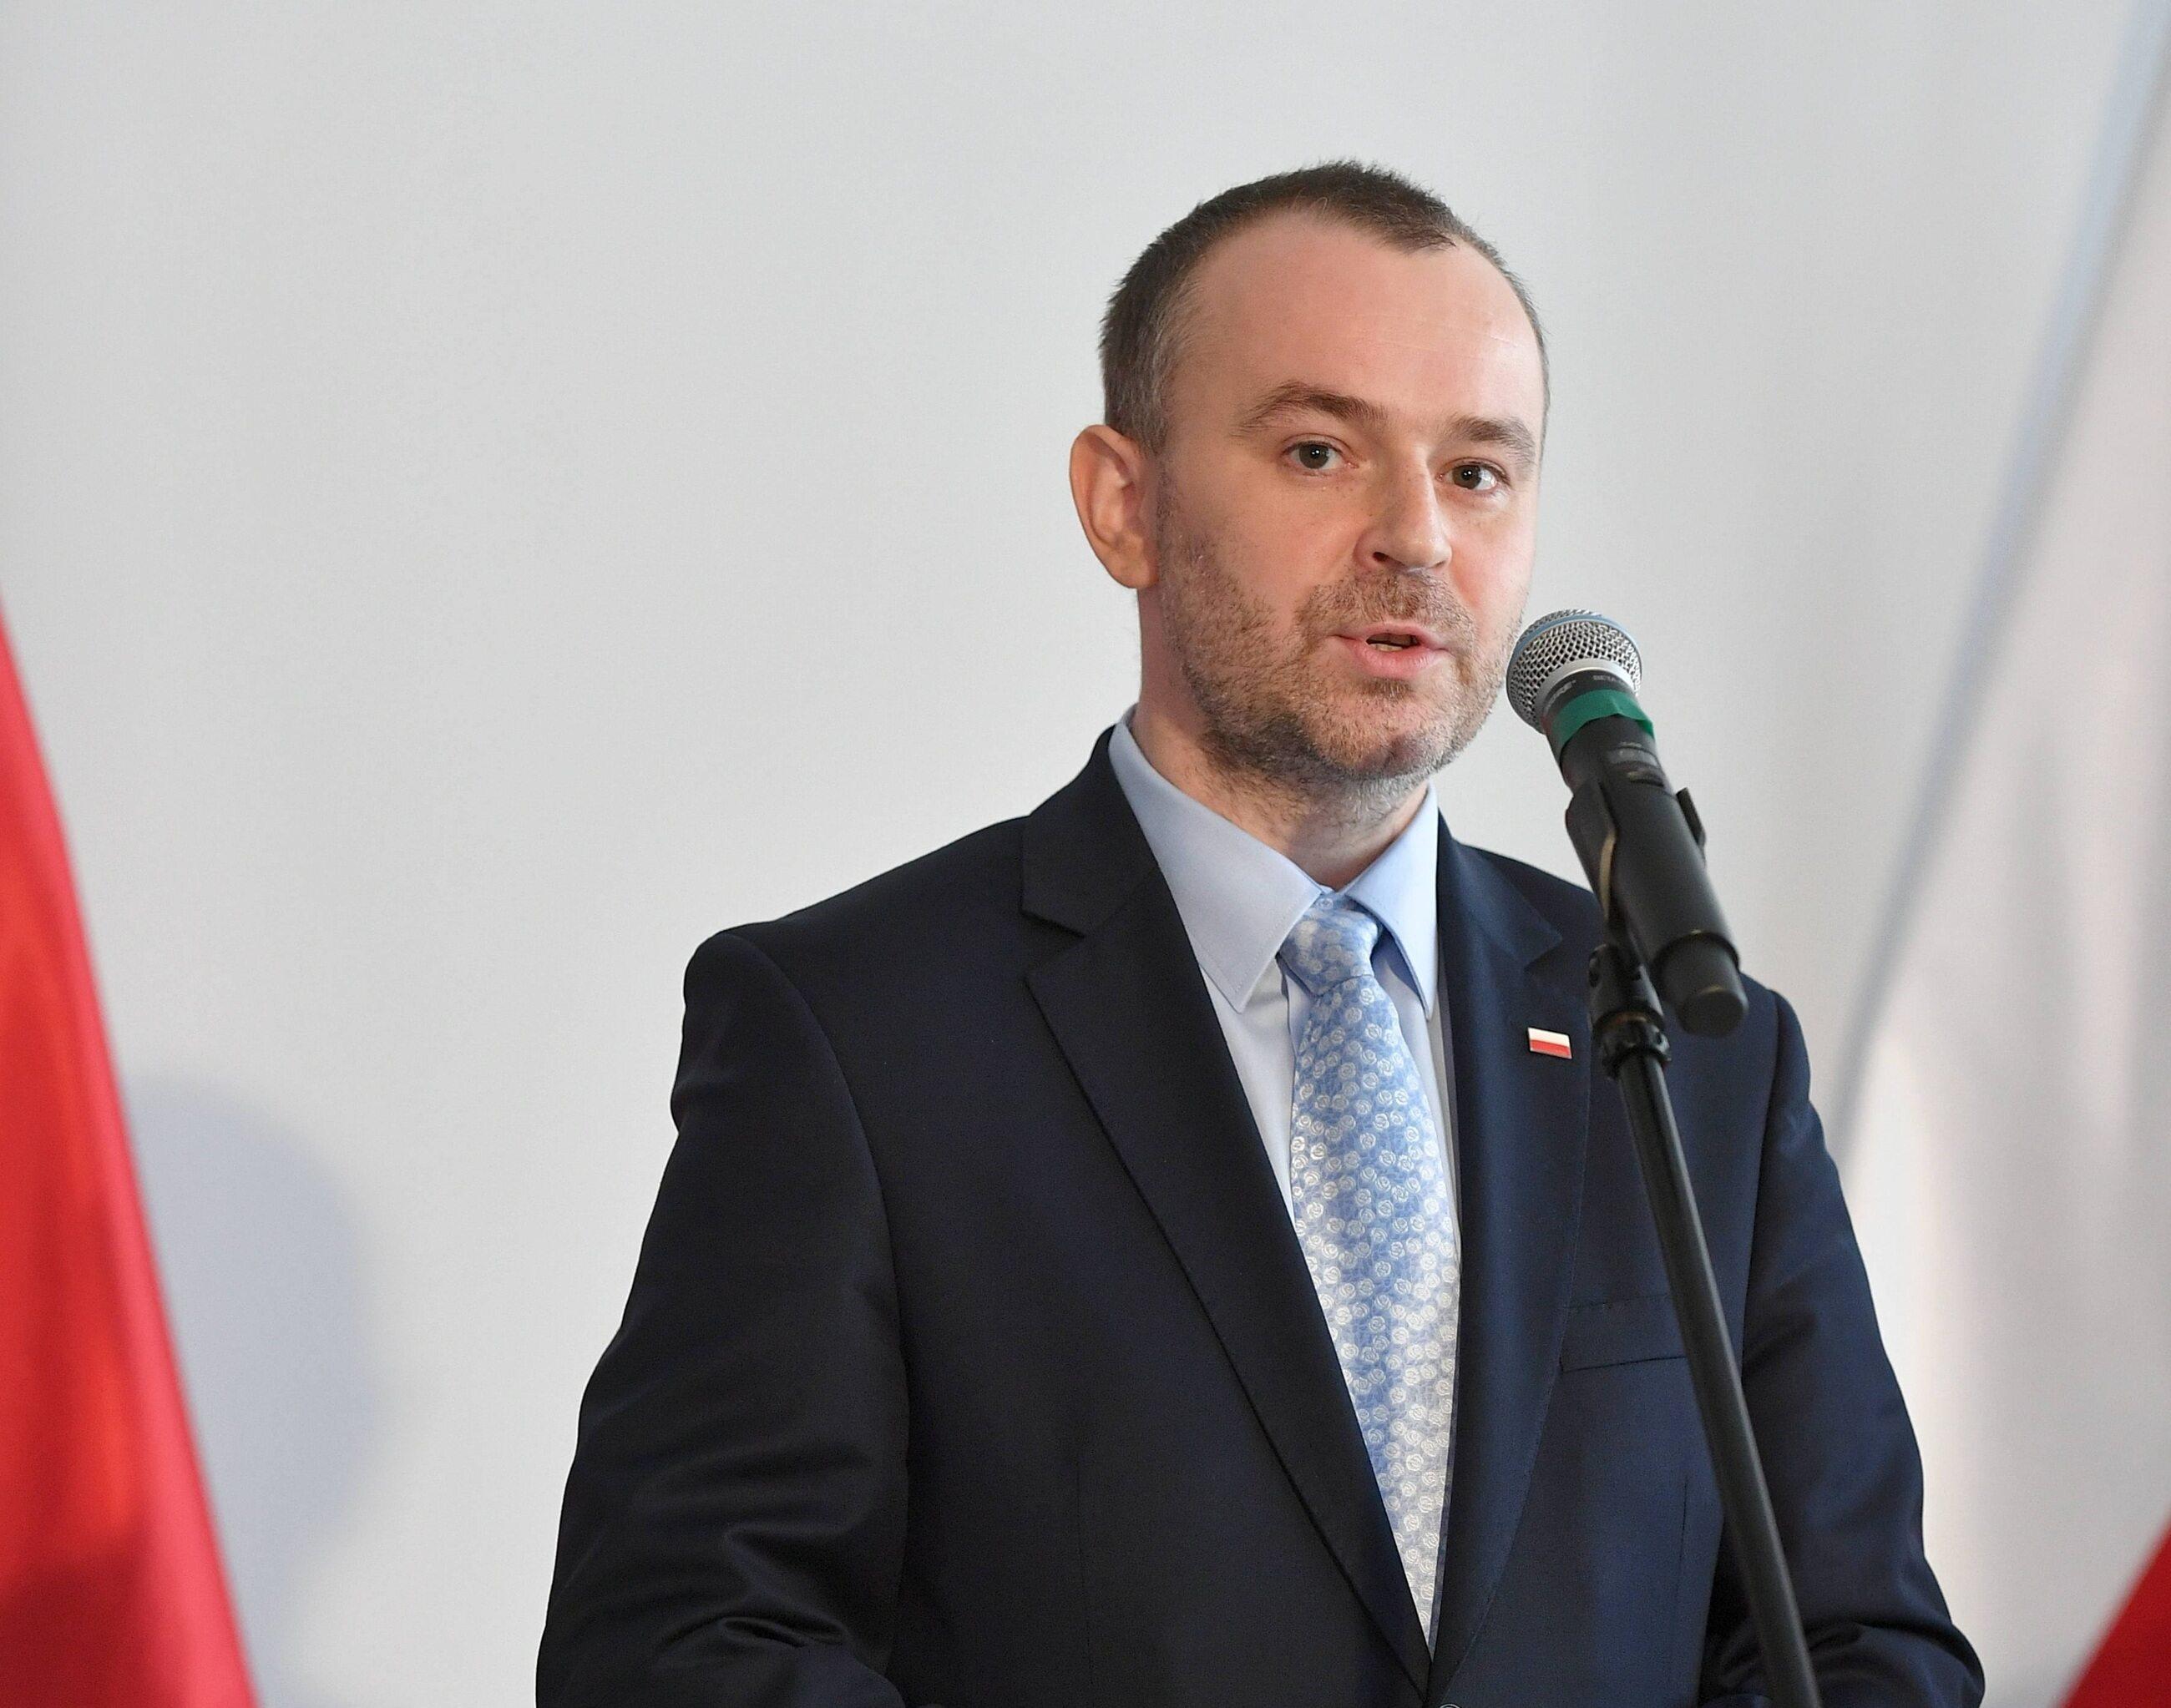 Wiceszef Kancelarii Prezydenta, pełnomocnik prezydenta ds. referendum konsultacyjnego Paweł Mucha